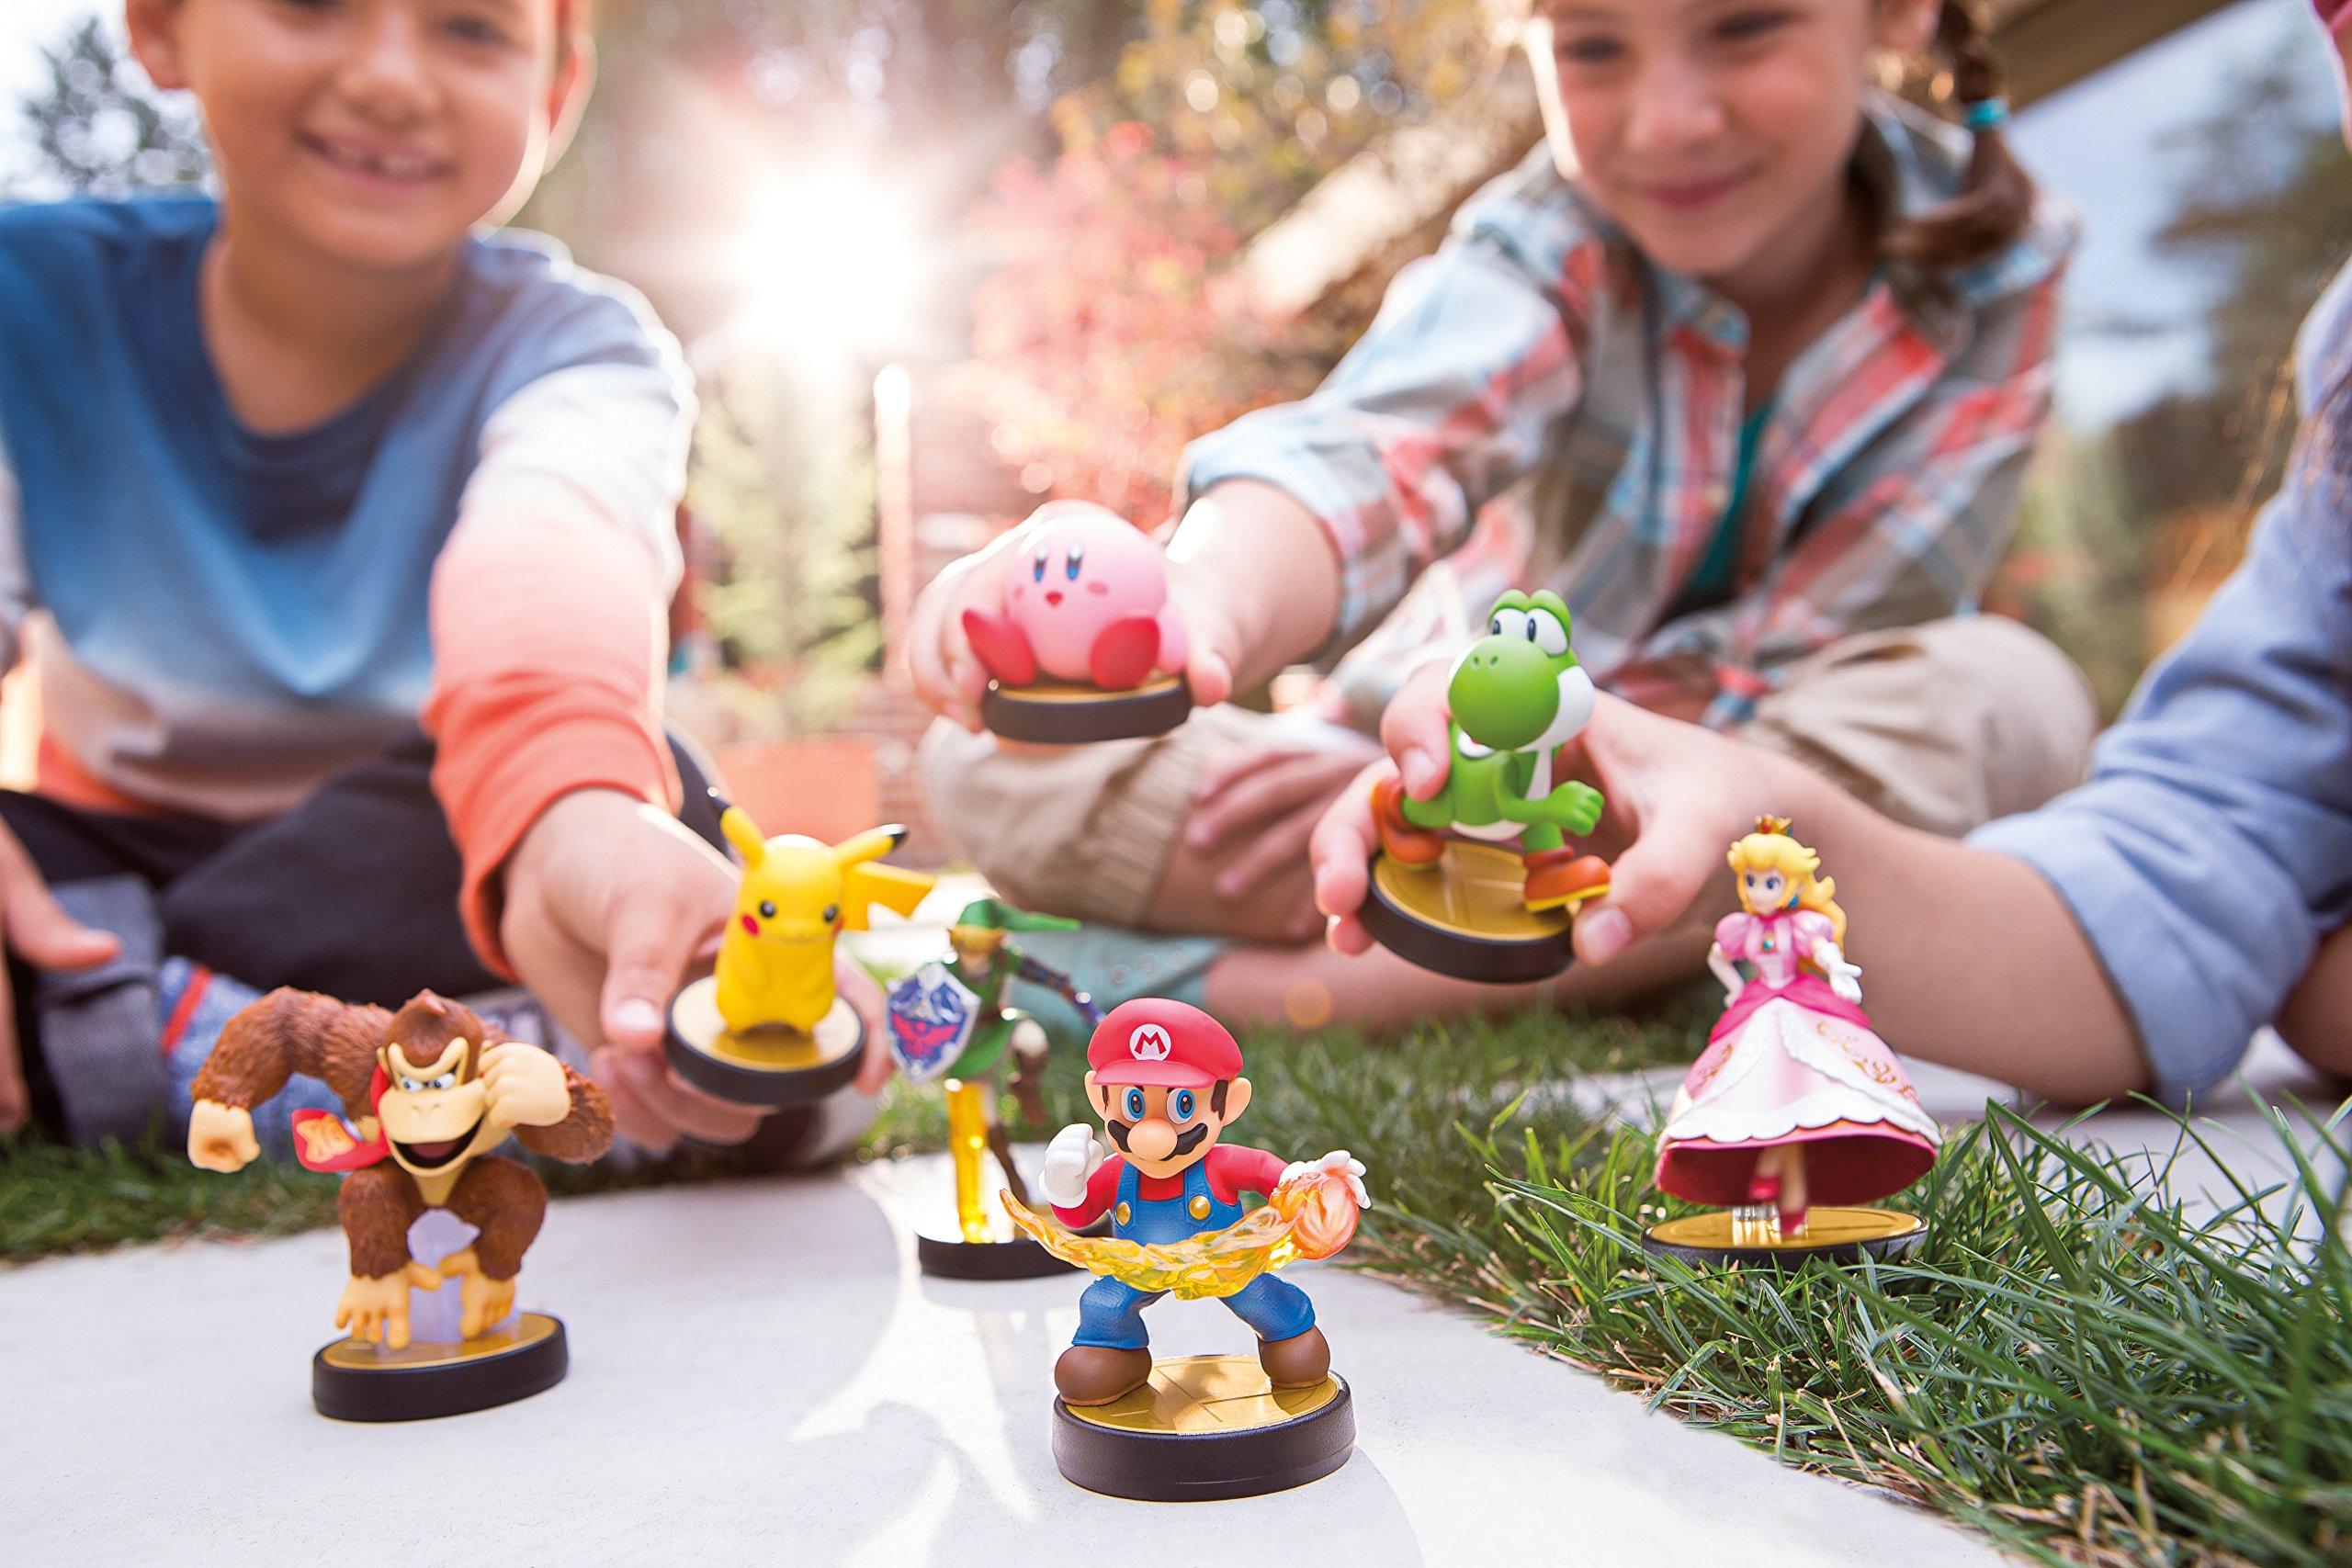 King Dedede amiibo (Super Smash Bros Series) by Nintendo (Image #6)